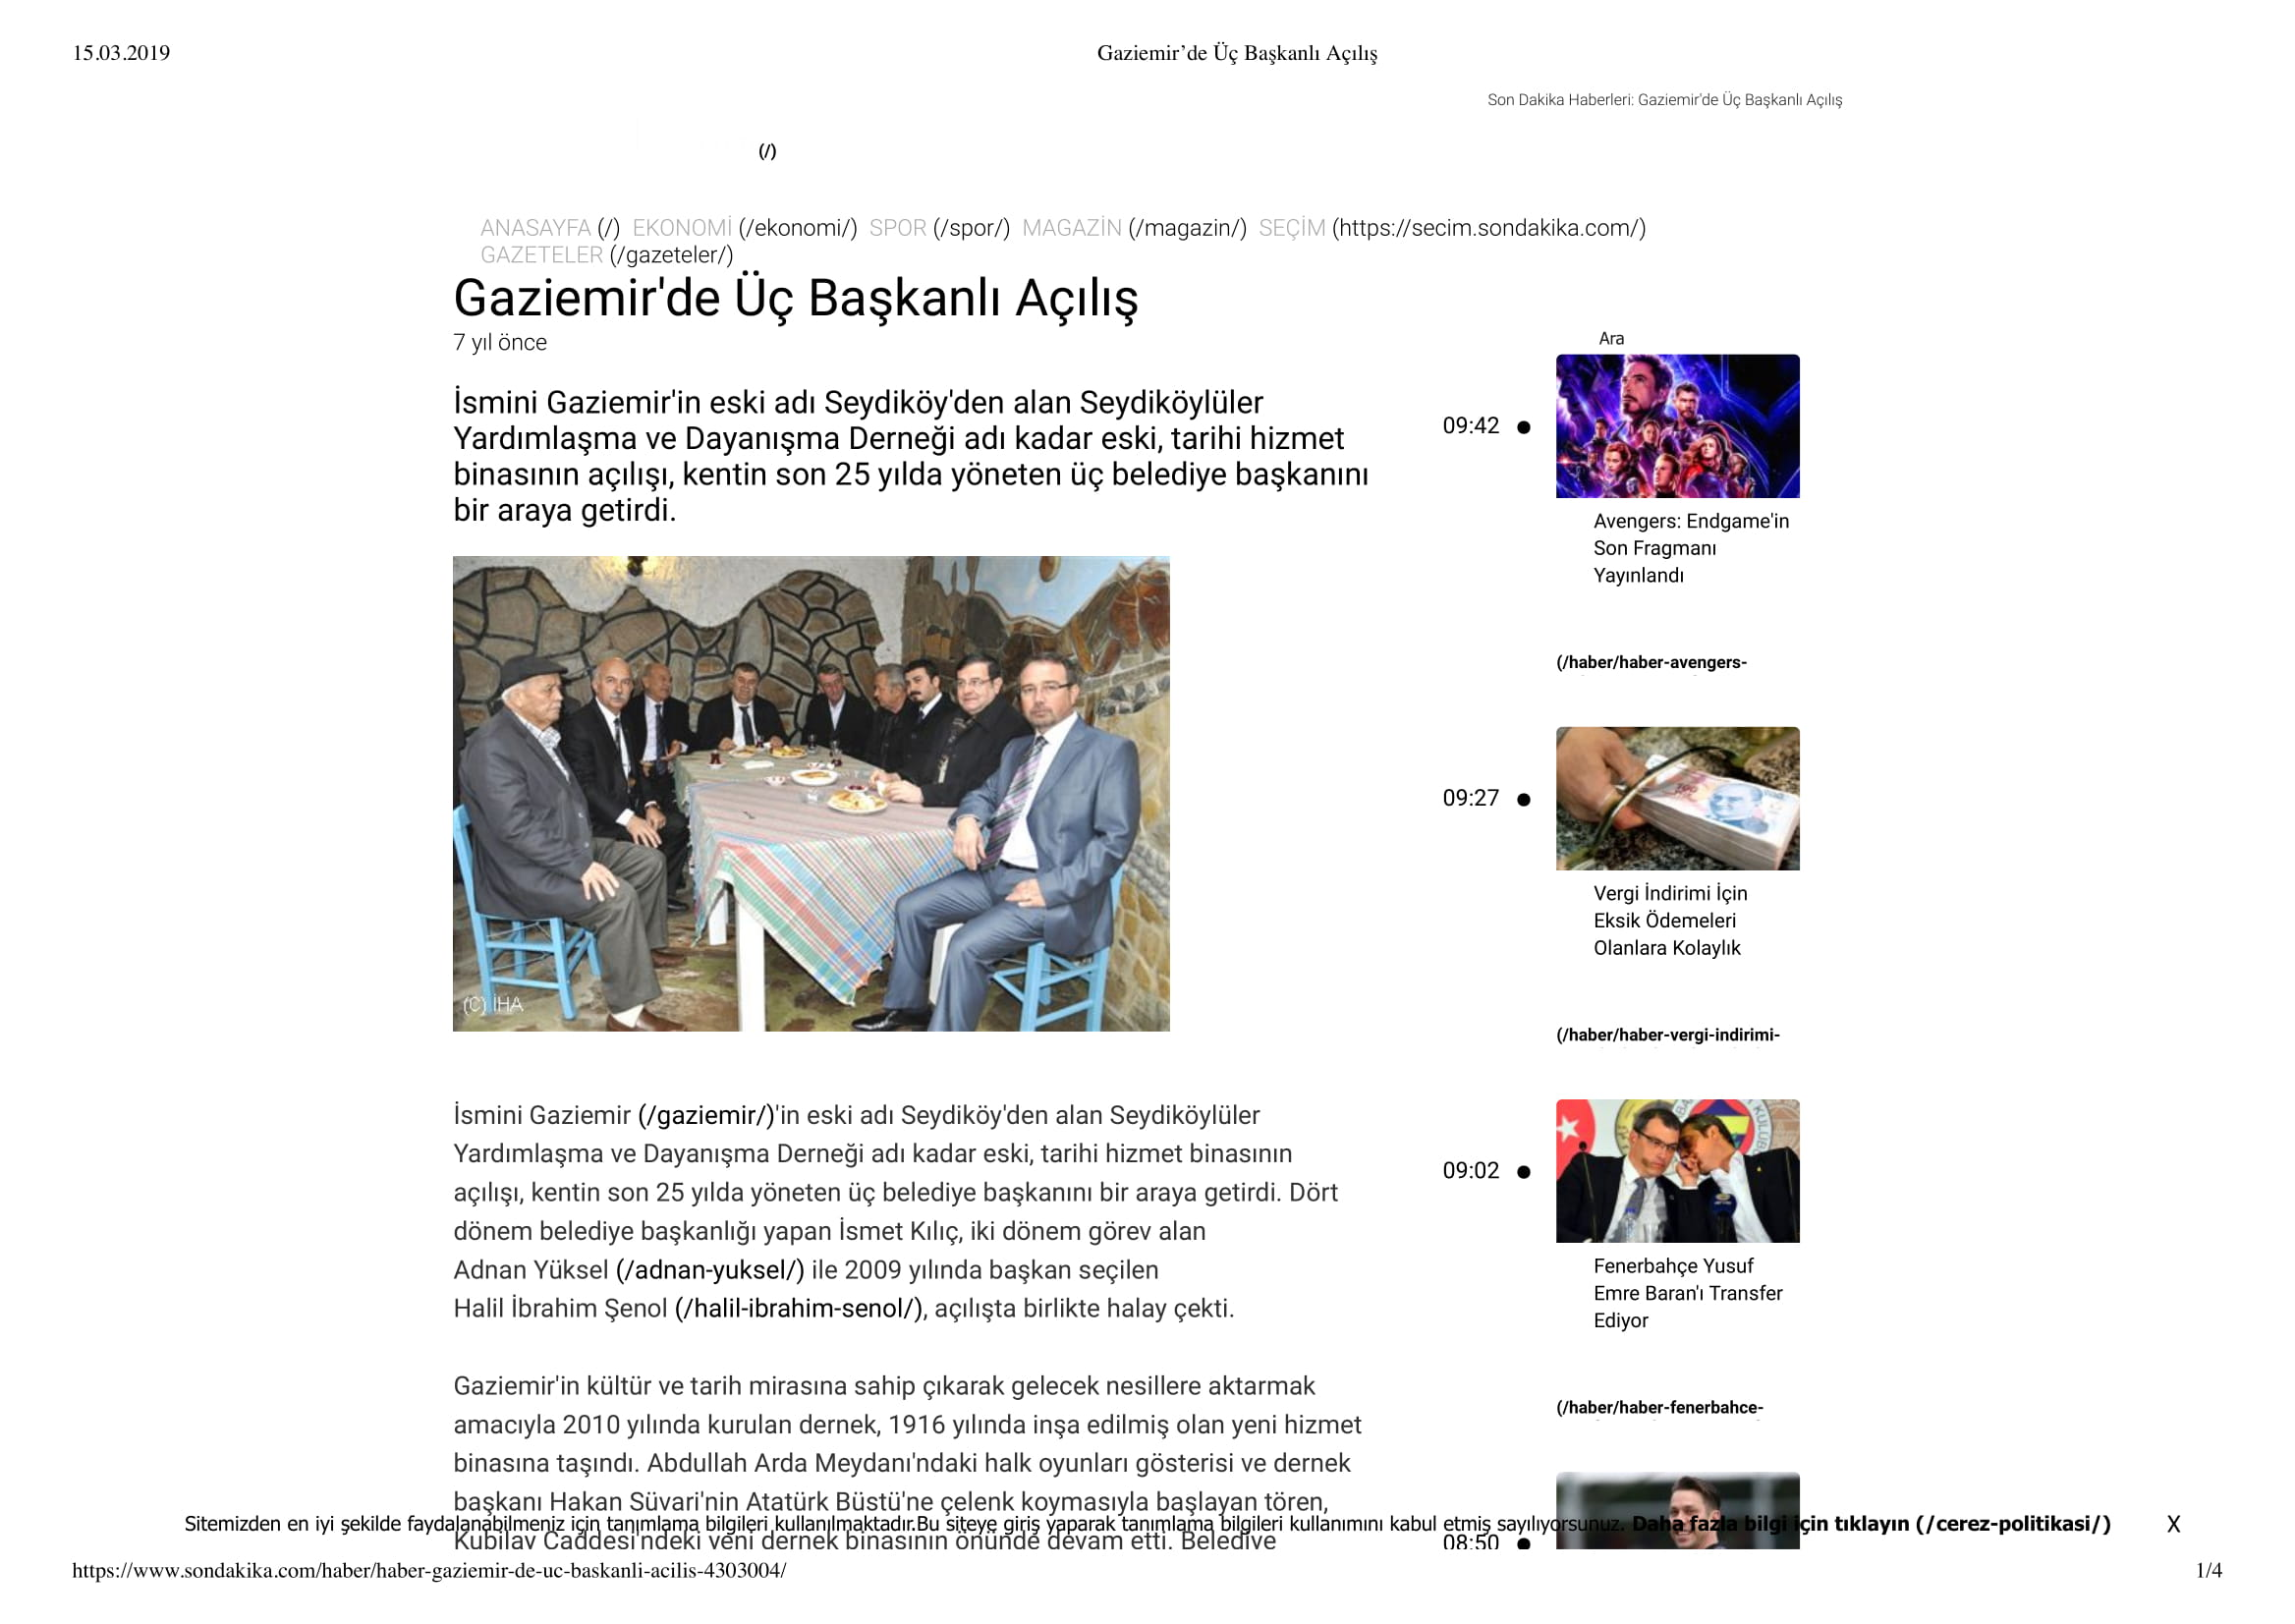 Gaziemir'de Üç Başkanlı Açılış